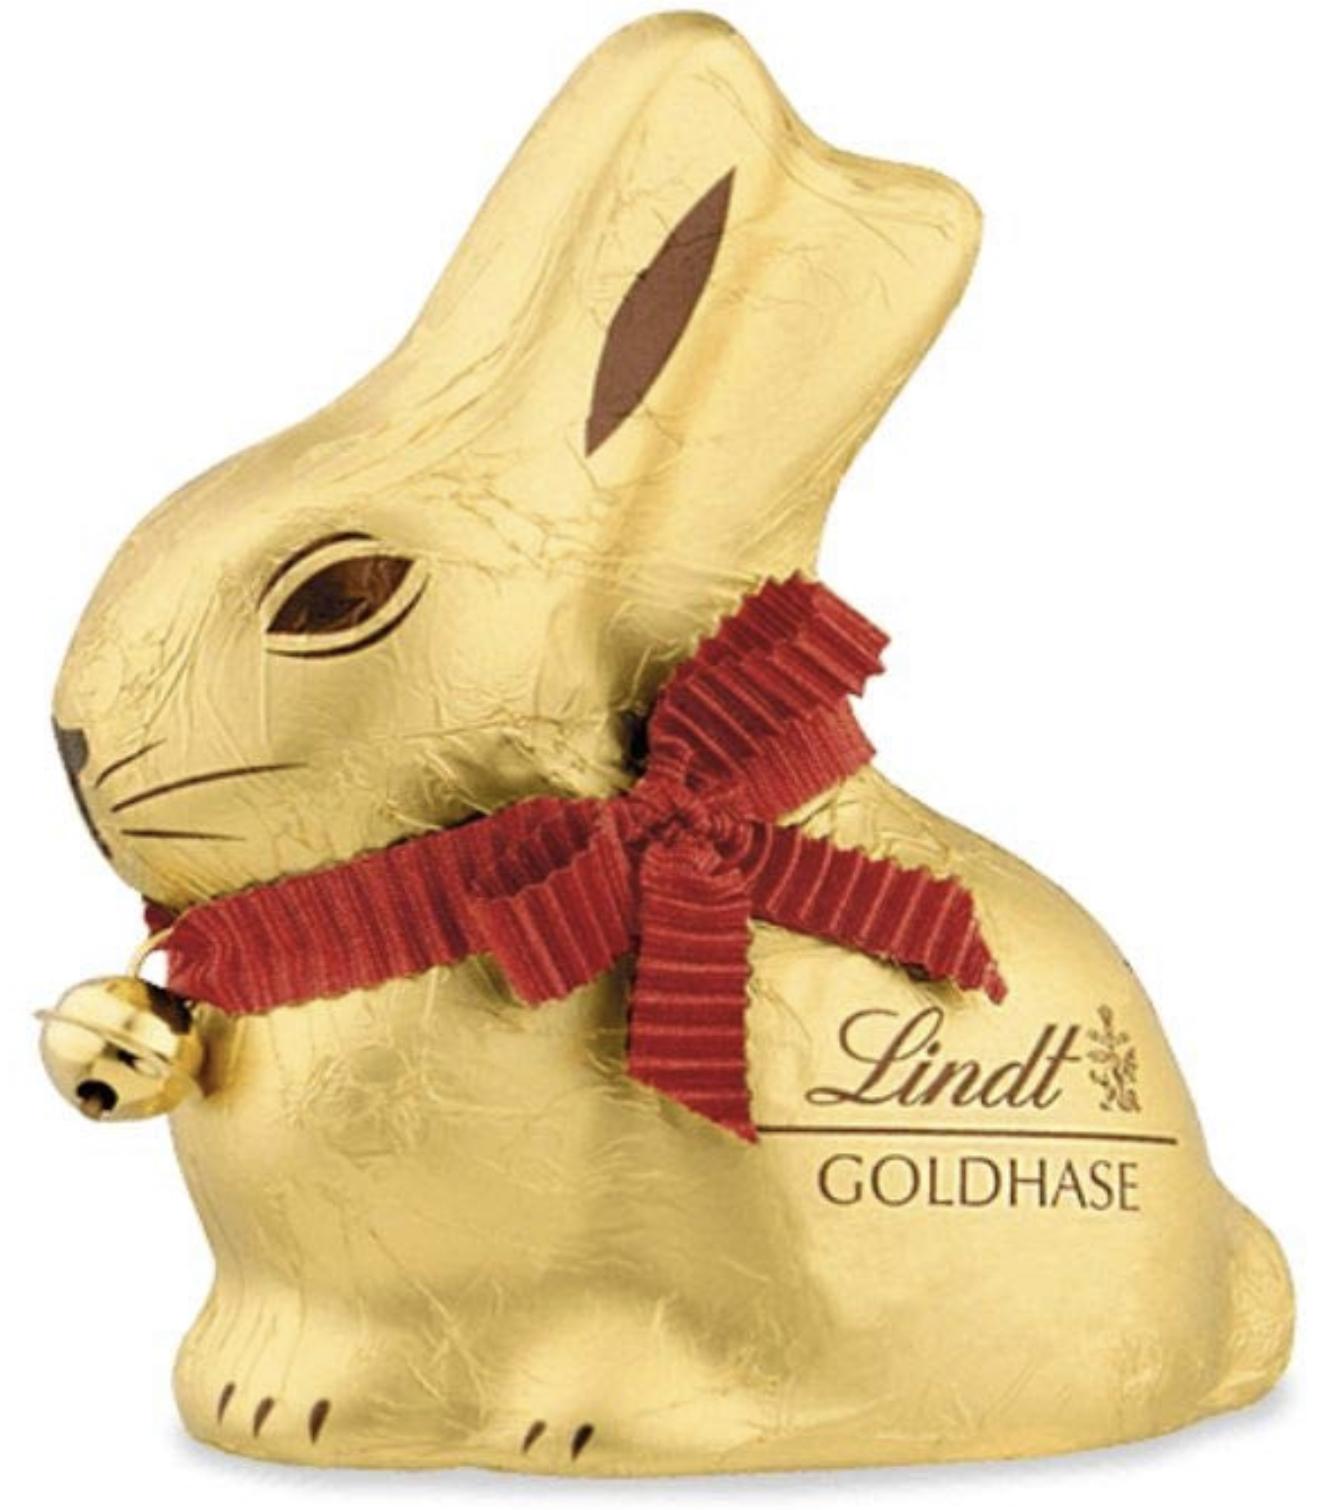 LINDT Goldhase verschiedene Sorten 50g für je 0,99€ / Nutella 825g Glas für 2,77€ / Baileys Original Irish Cream 0,7 Liter für 8,99€